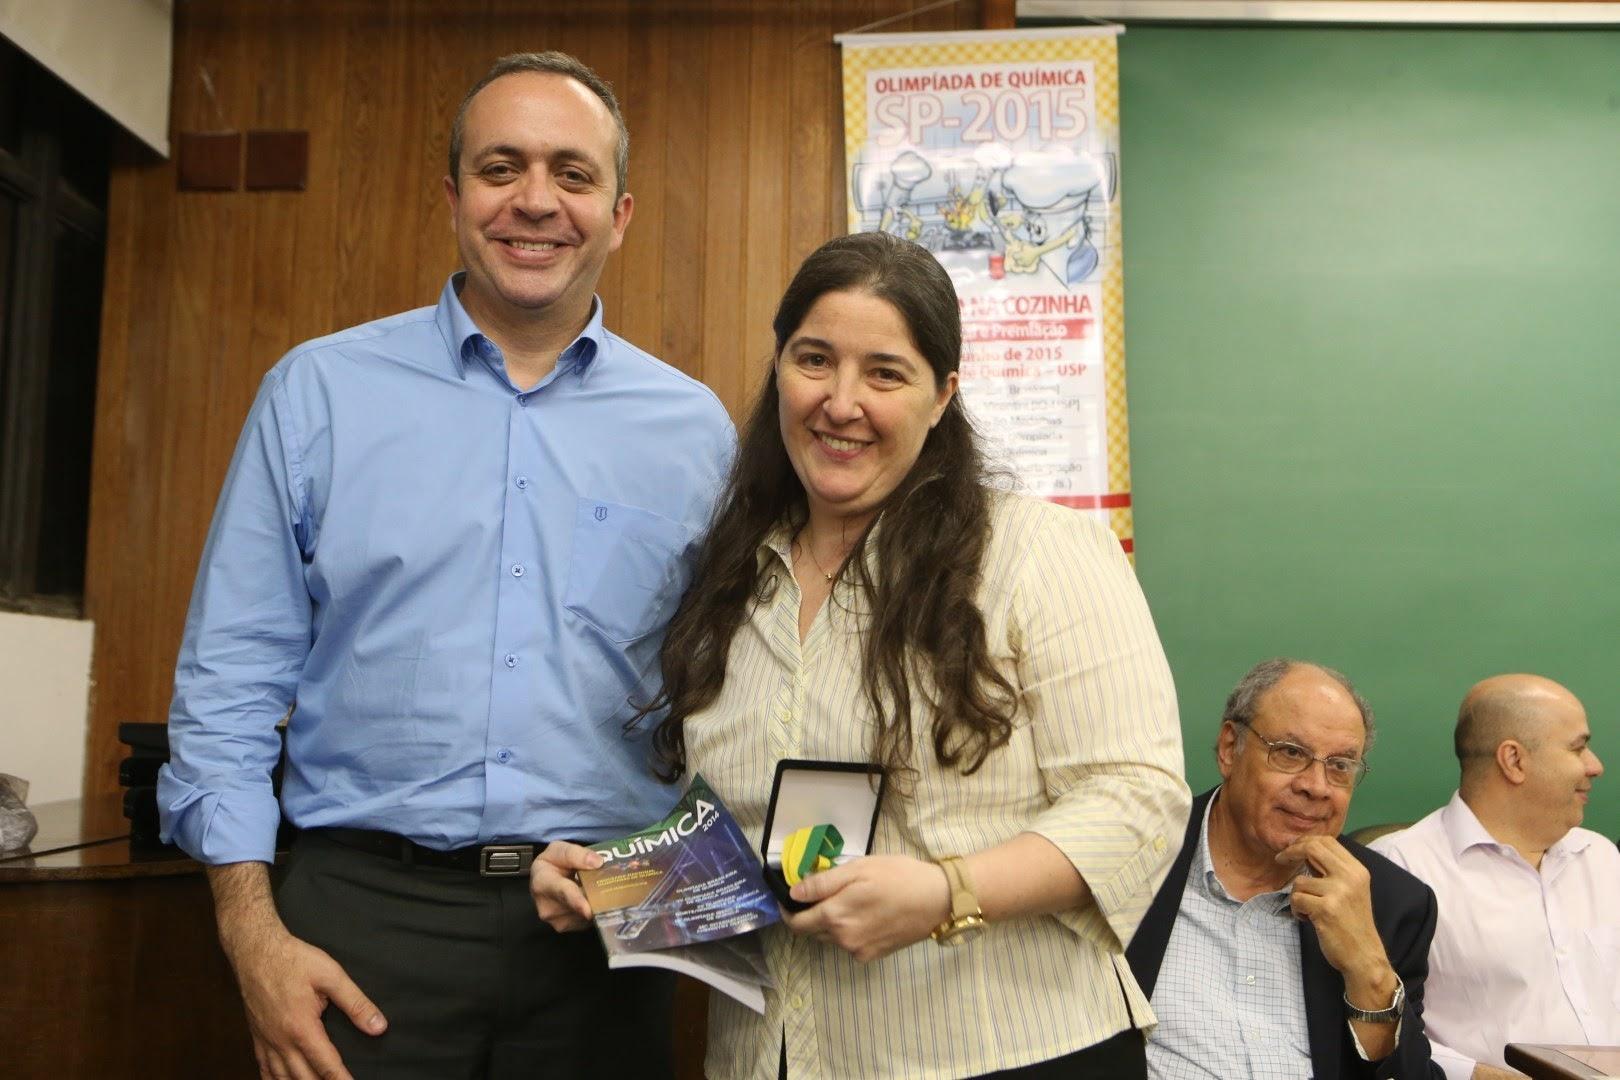 Prof. Hamilton Varela, Assessor de Gabinete da Pró-Reitoria de Pesquisa